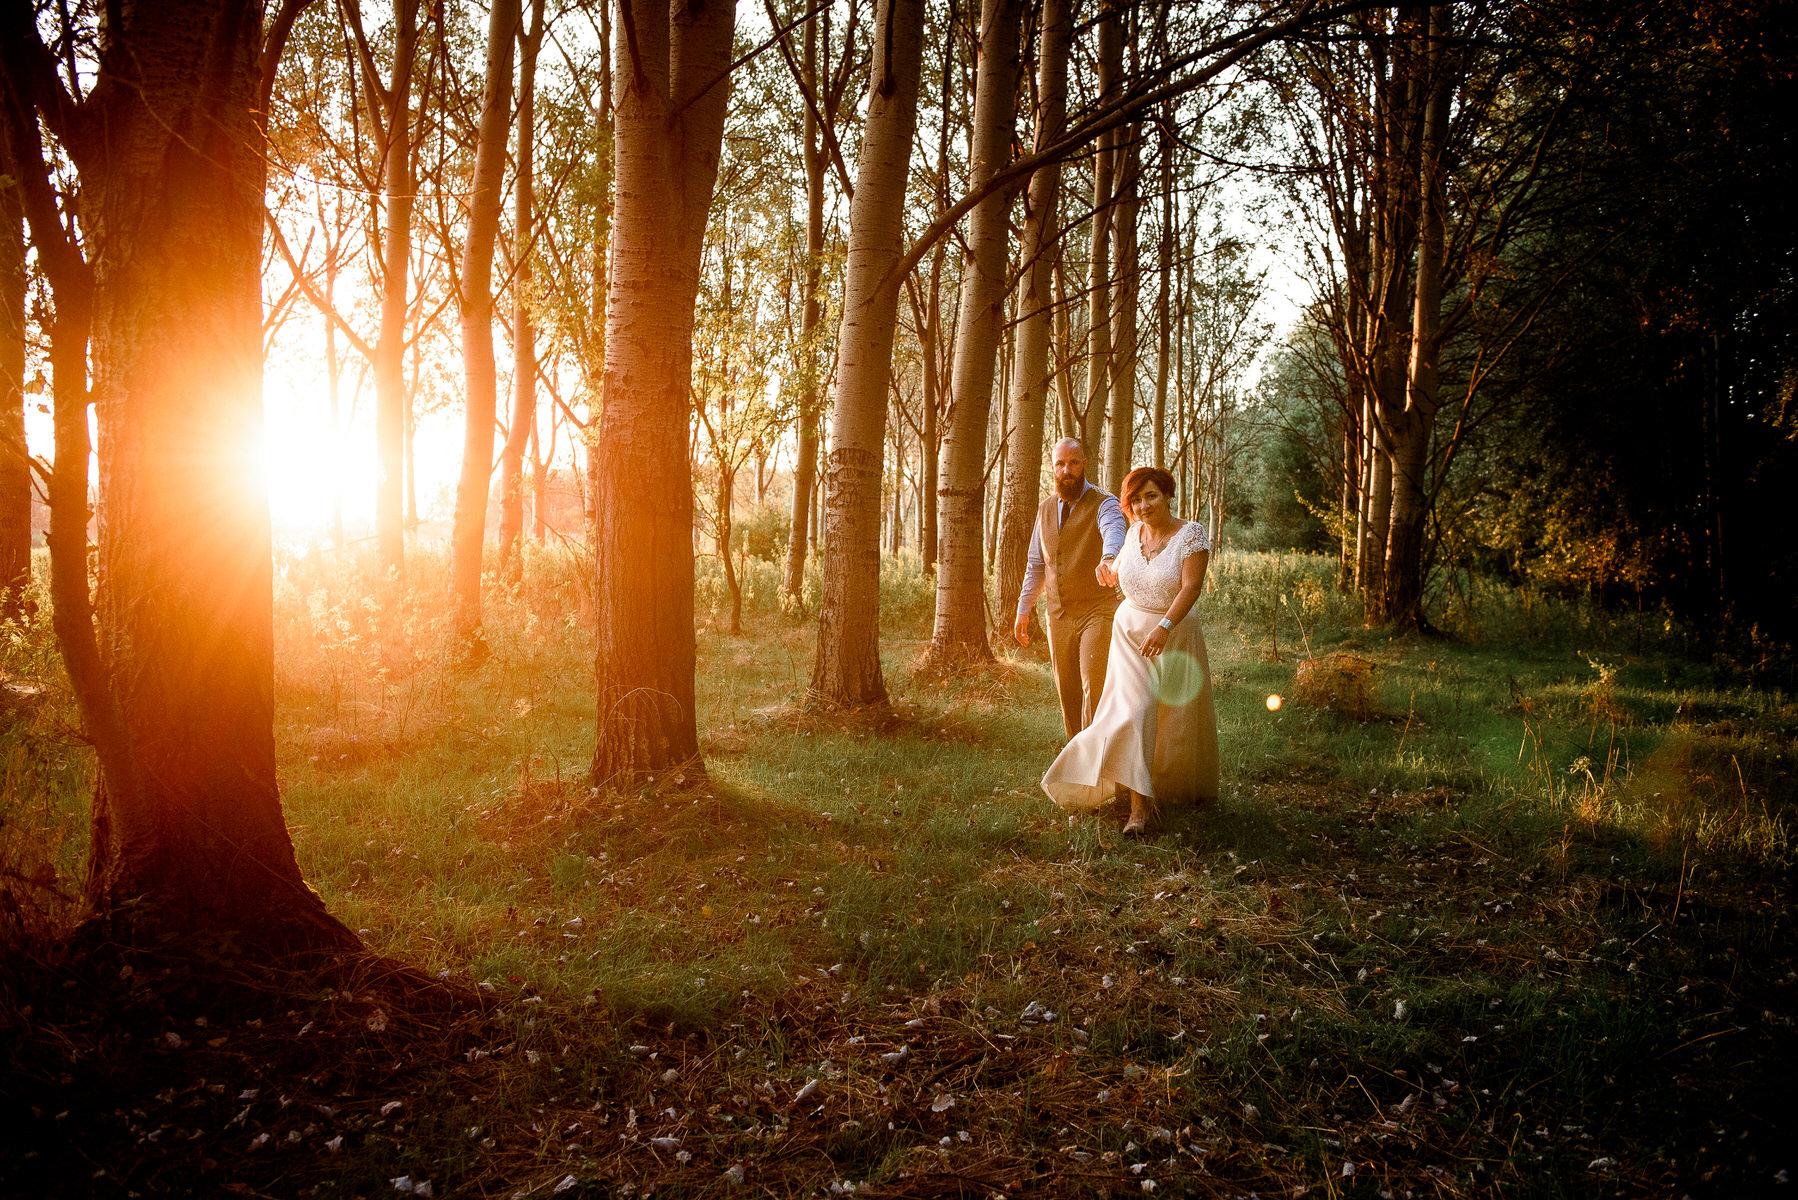 Dóra + Gábor kreatív esküvő fotózás Győr Moson Sopron megye - Bolla Gábor   Fotóműhely